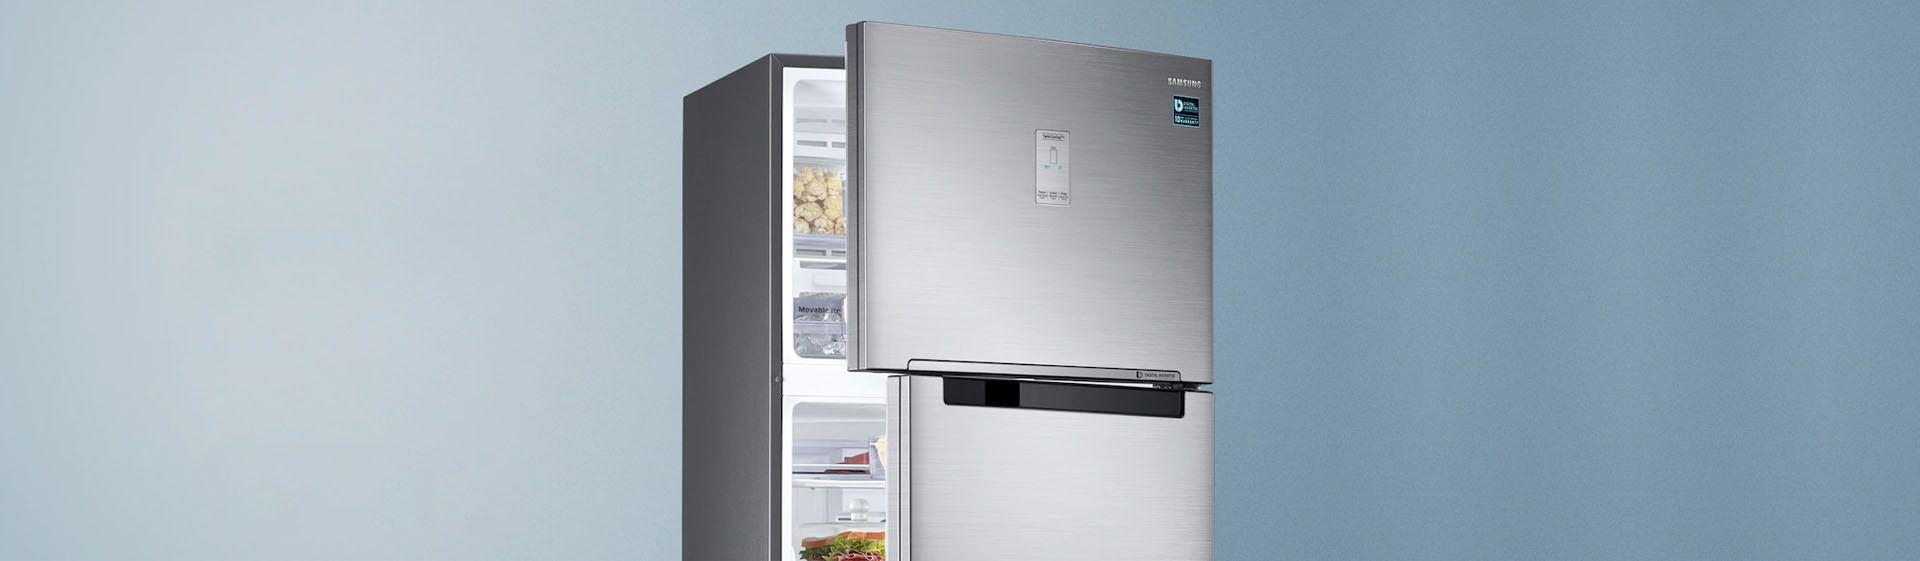 Geladeira Samsung RT6000K é boa? Confira a avaliação e a análise de ficha técnica dessa Frost Free